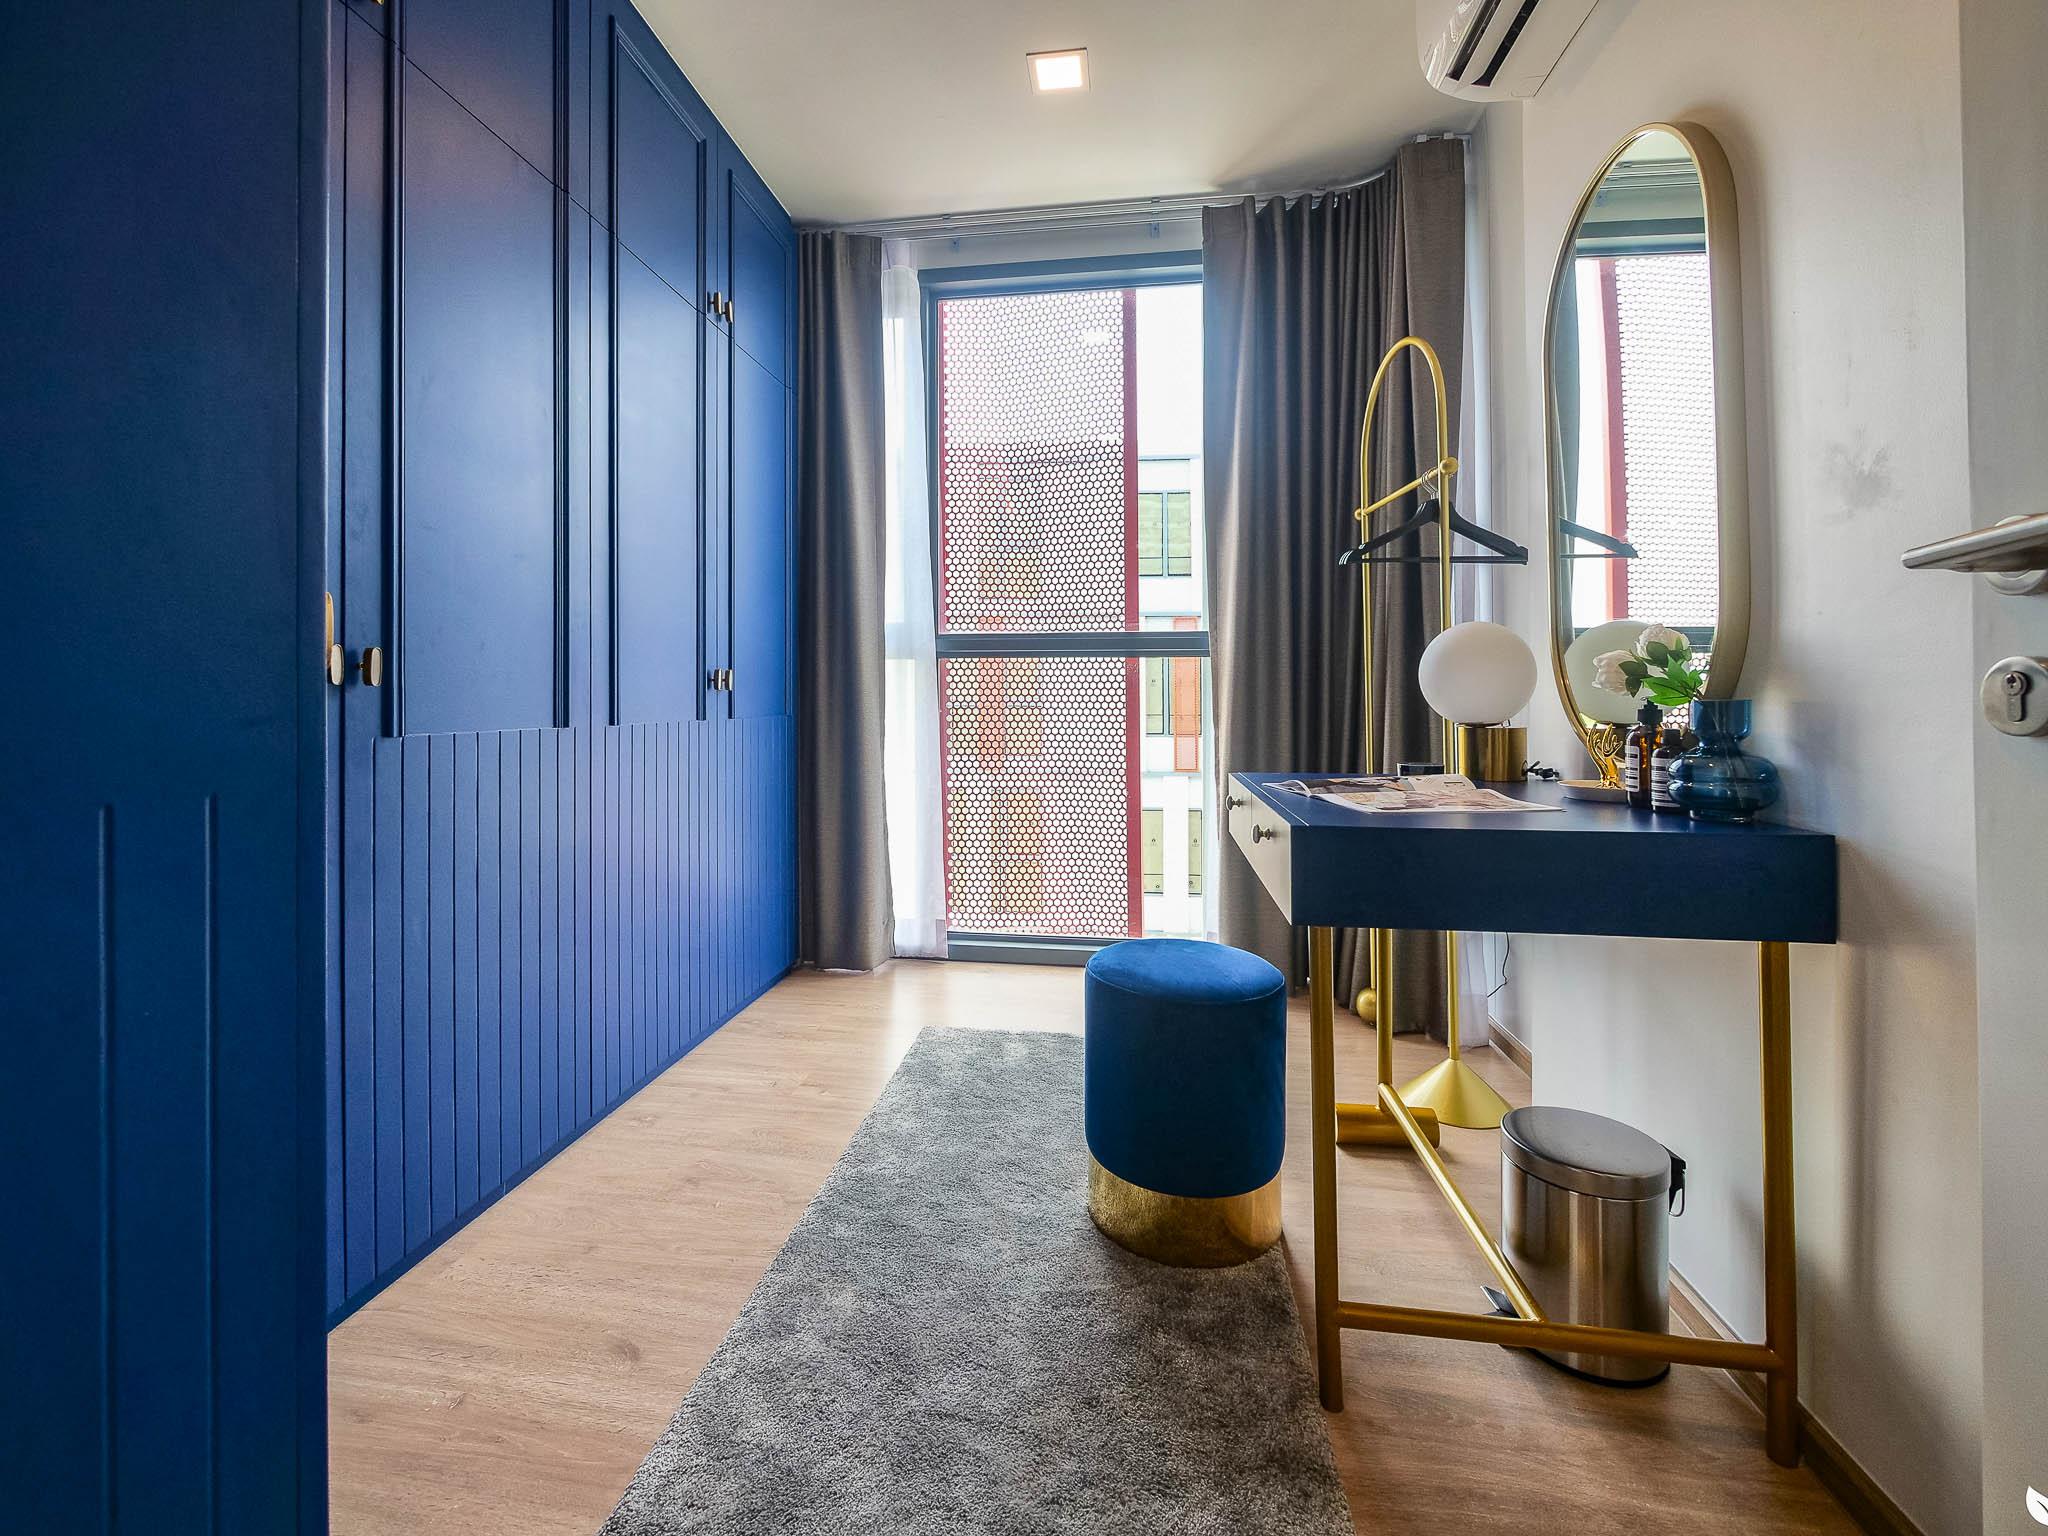 """""""ทากะ เฮาส์"""" (STAY UNIQUE, STAY DIVERSE) ตอบโจทย์การใช้ชีวิตที่ปรับเปลี่ยนได้ในแบบที่เป็นคุณ 30 - Condominium"""